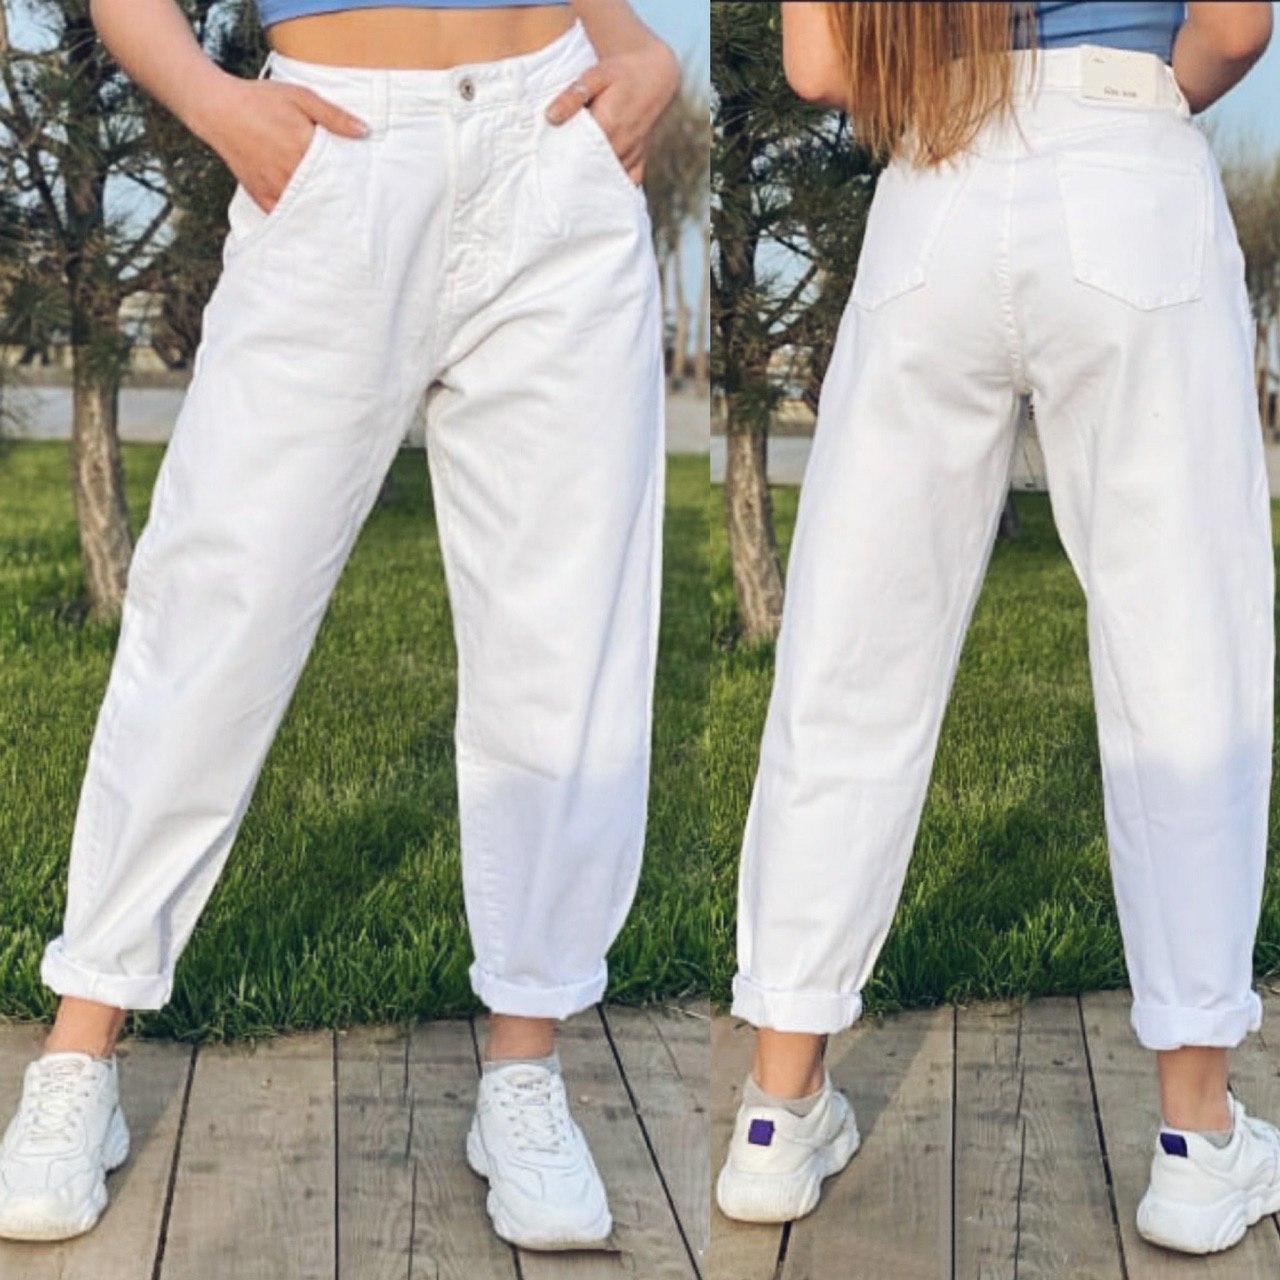 Свободные джинсы Slouchy с высокой посадкой джинсы слоучи белые